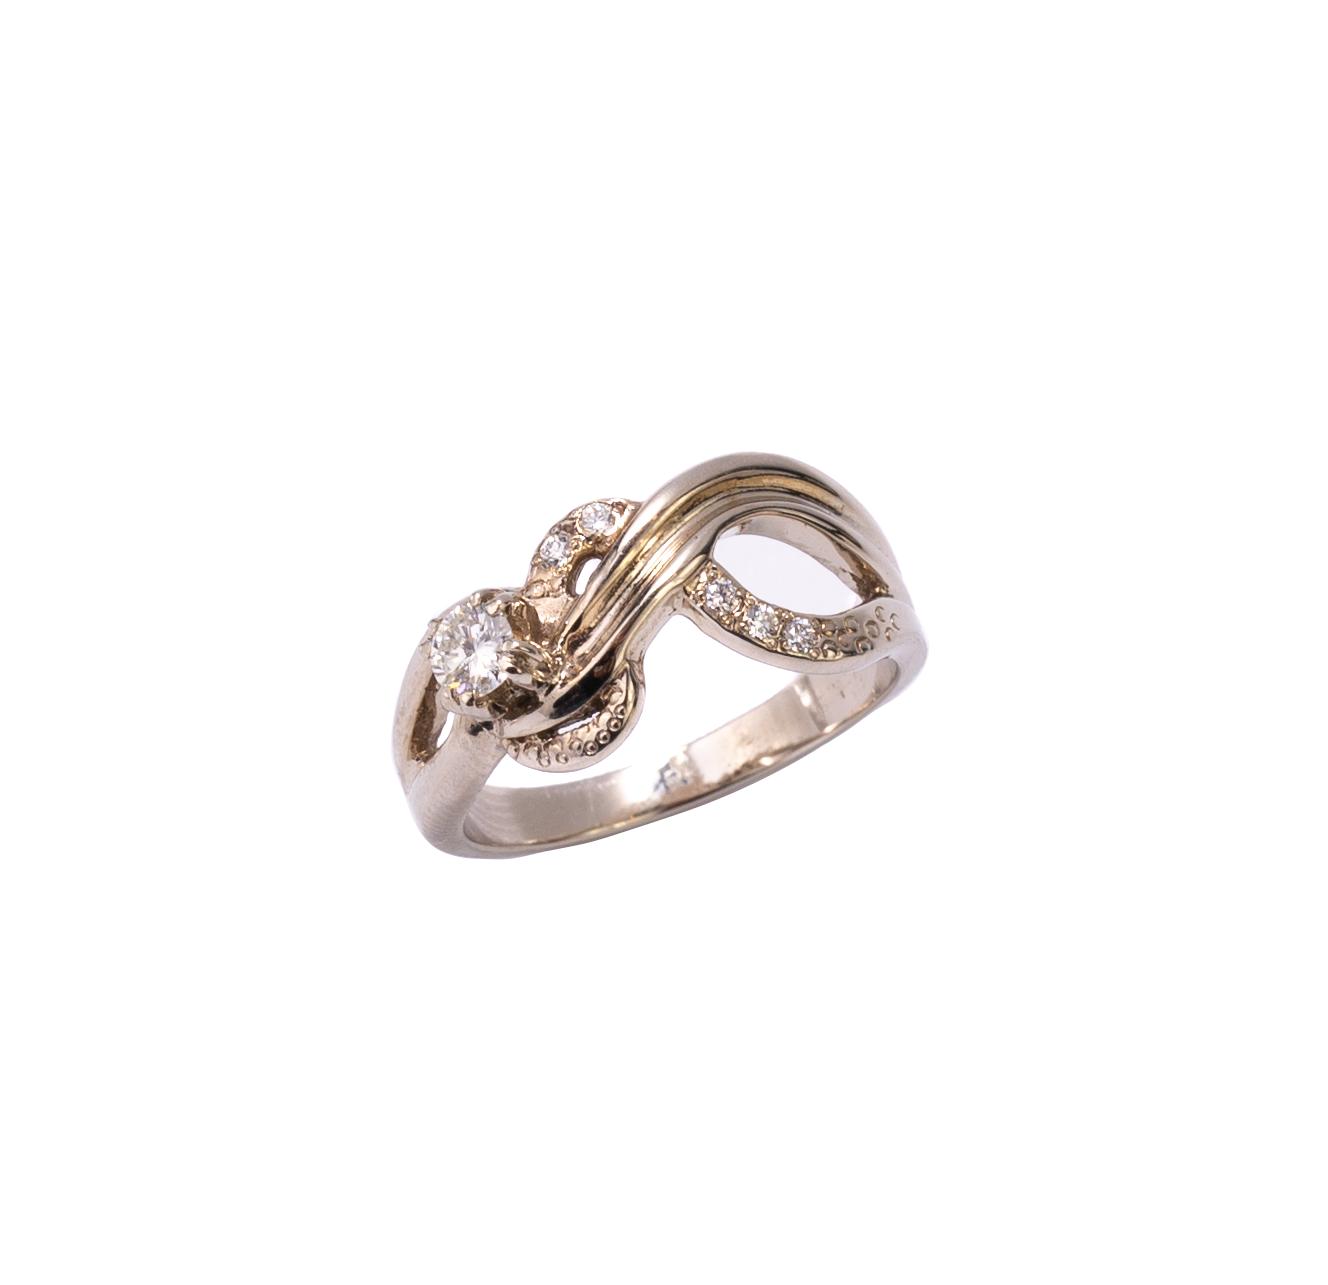 Pierścionek z brylantami retro, autorski białe złoto